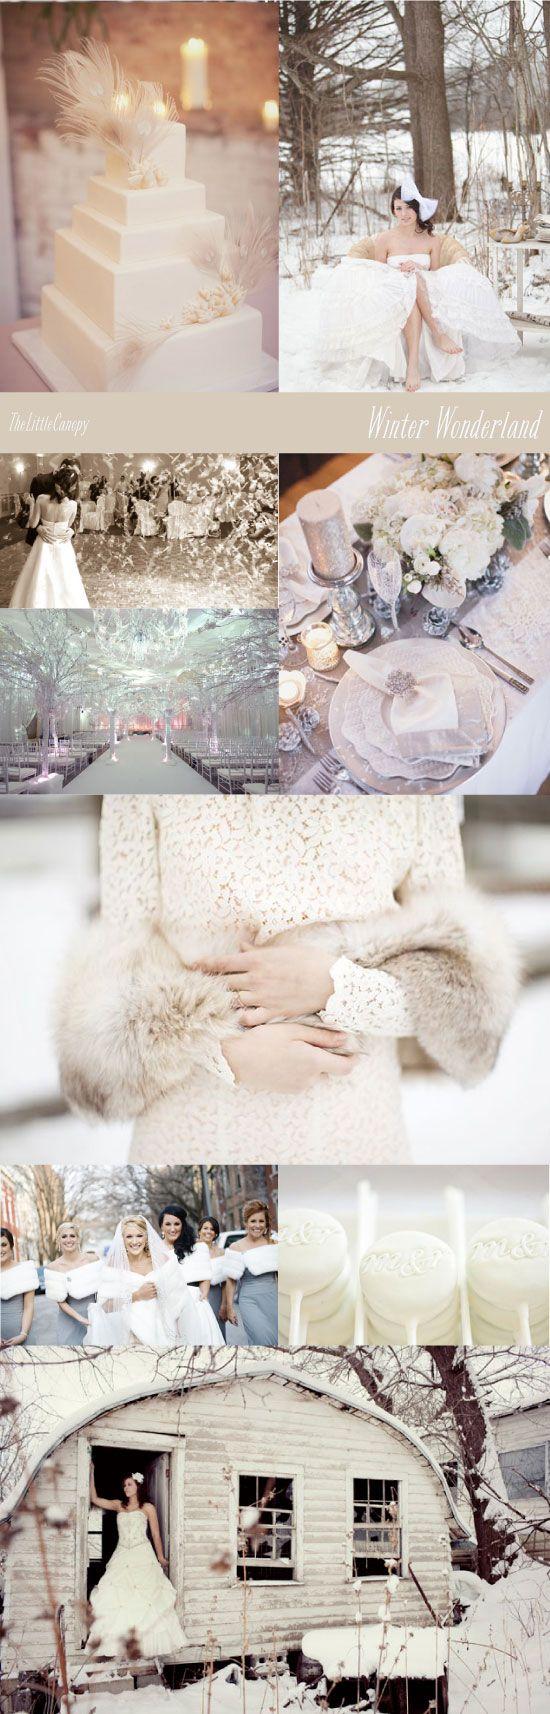 Winter Wonderland All White Wedding Theme Board